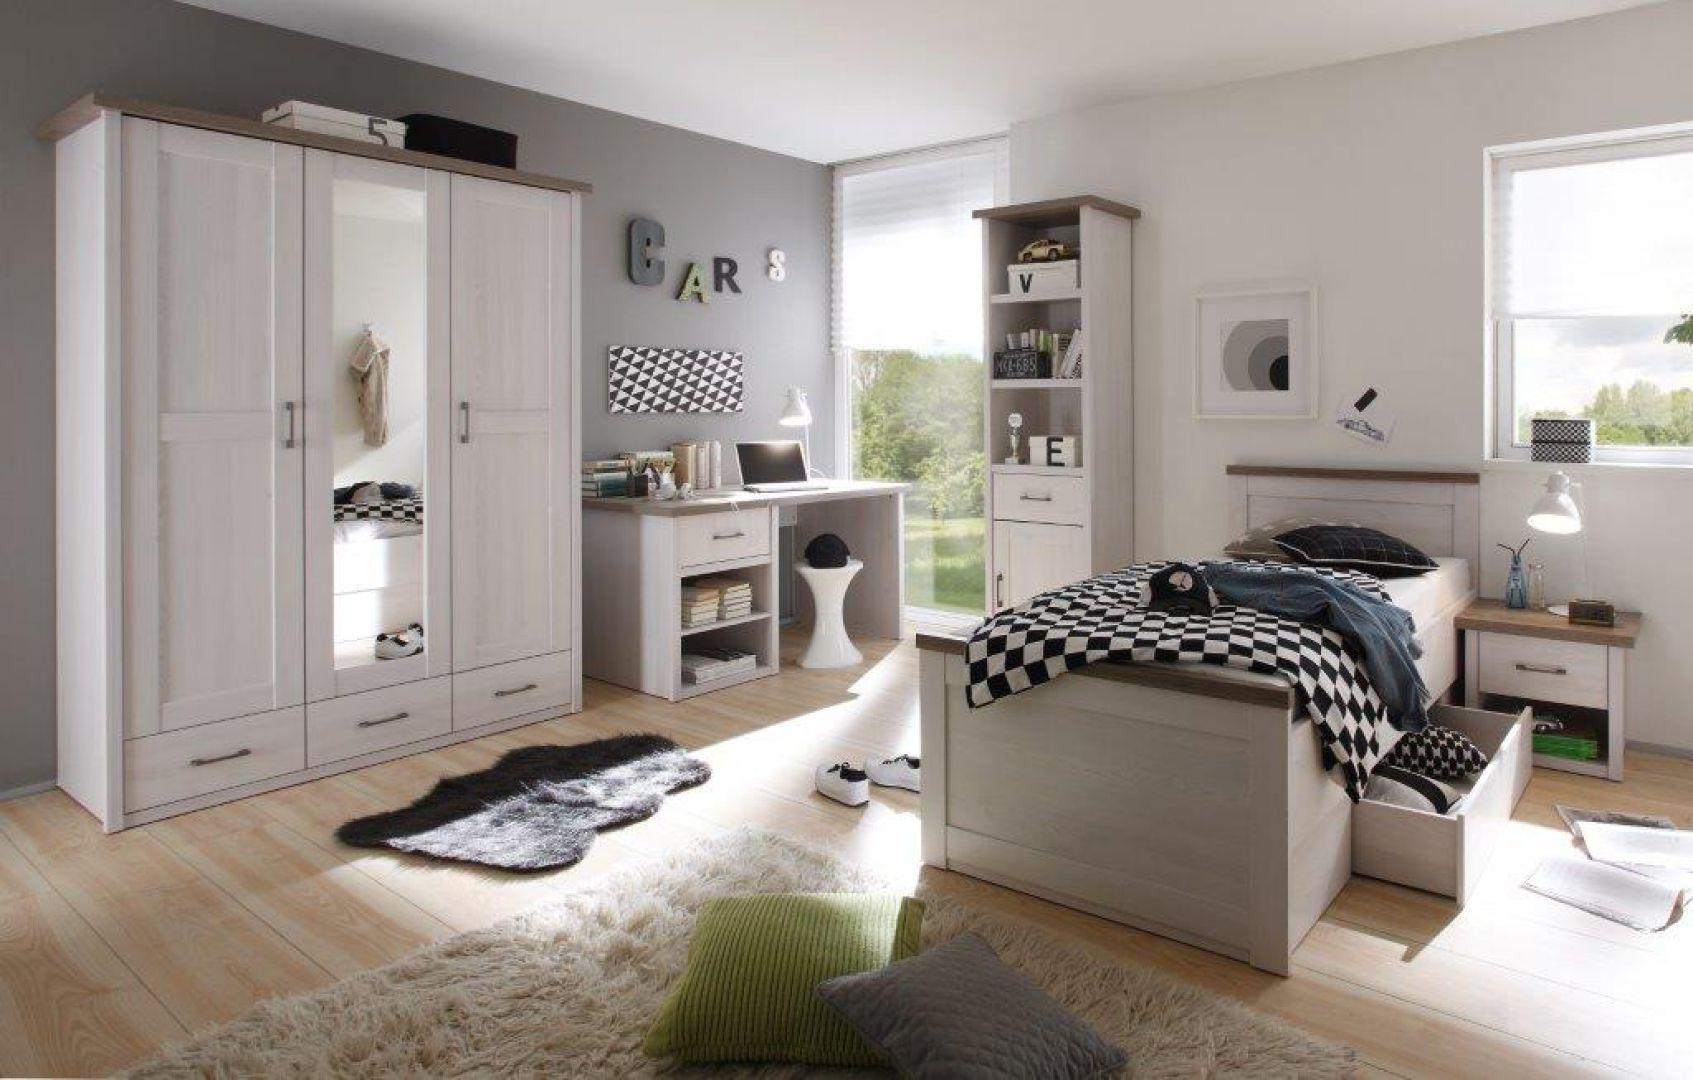 Modna sypialnia: kolekcja Luca. Fot. Black red White